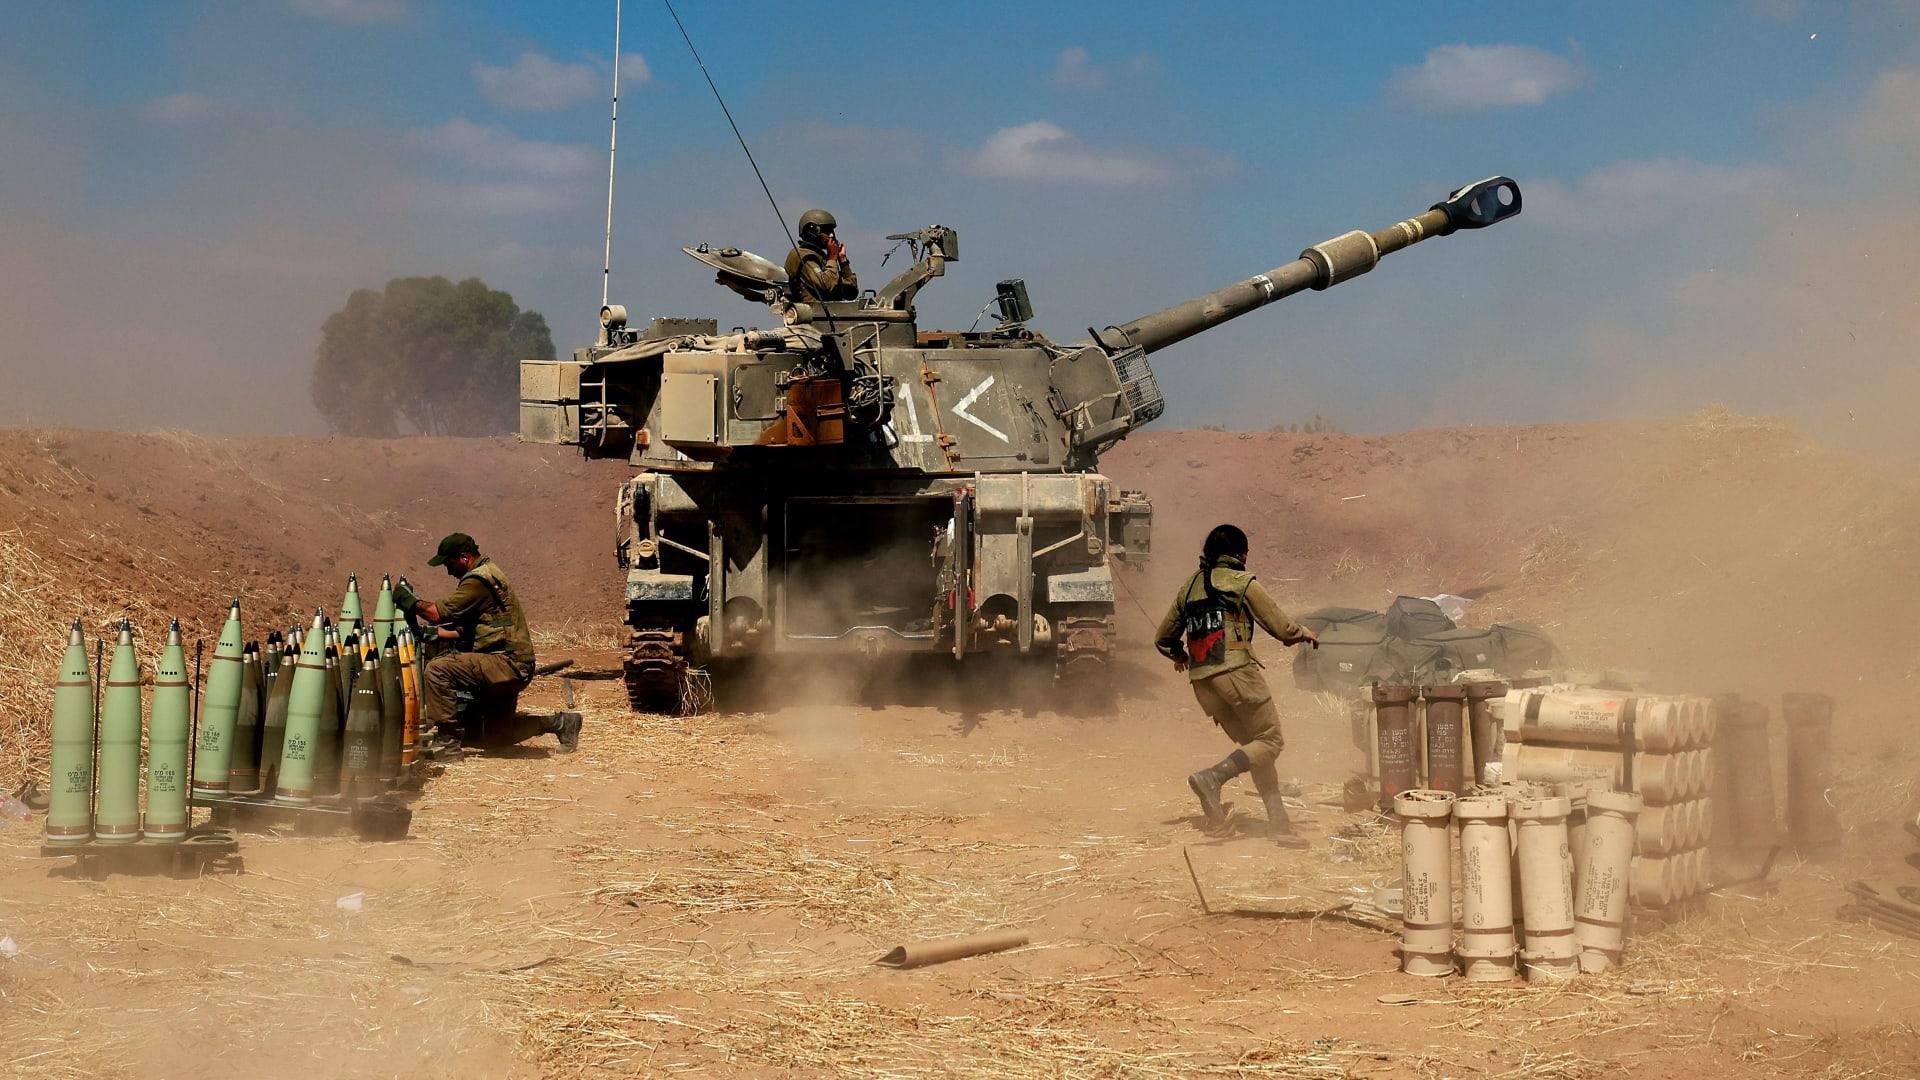 دبابة إسرائيلية تطلق قذائف صوب أهداف في غزة